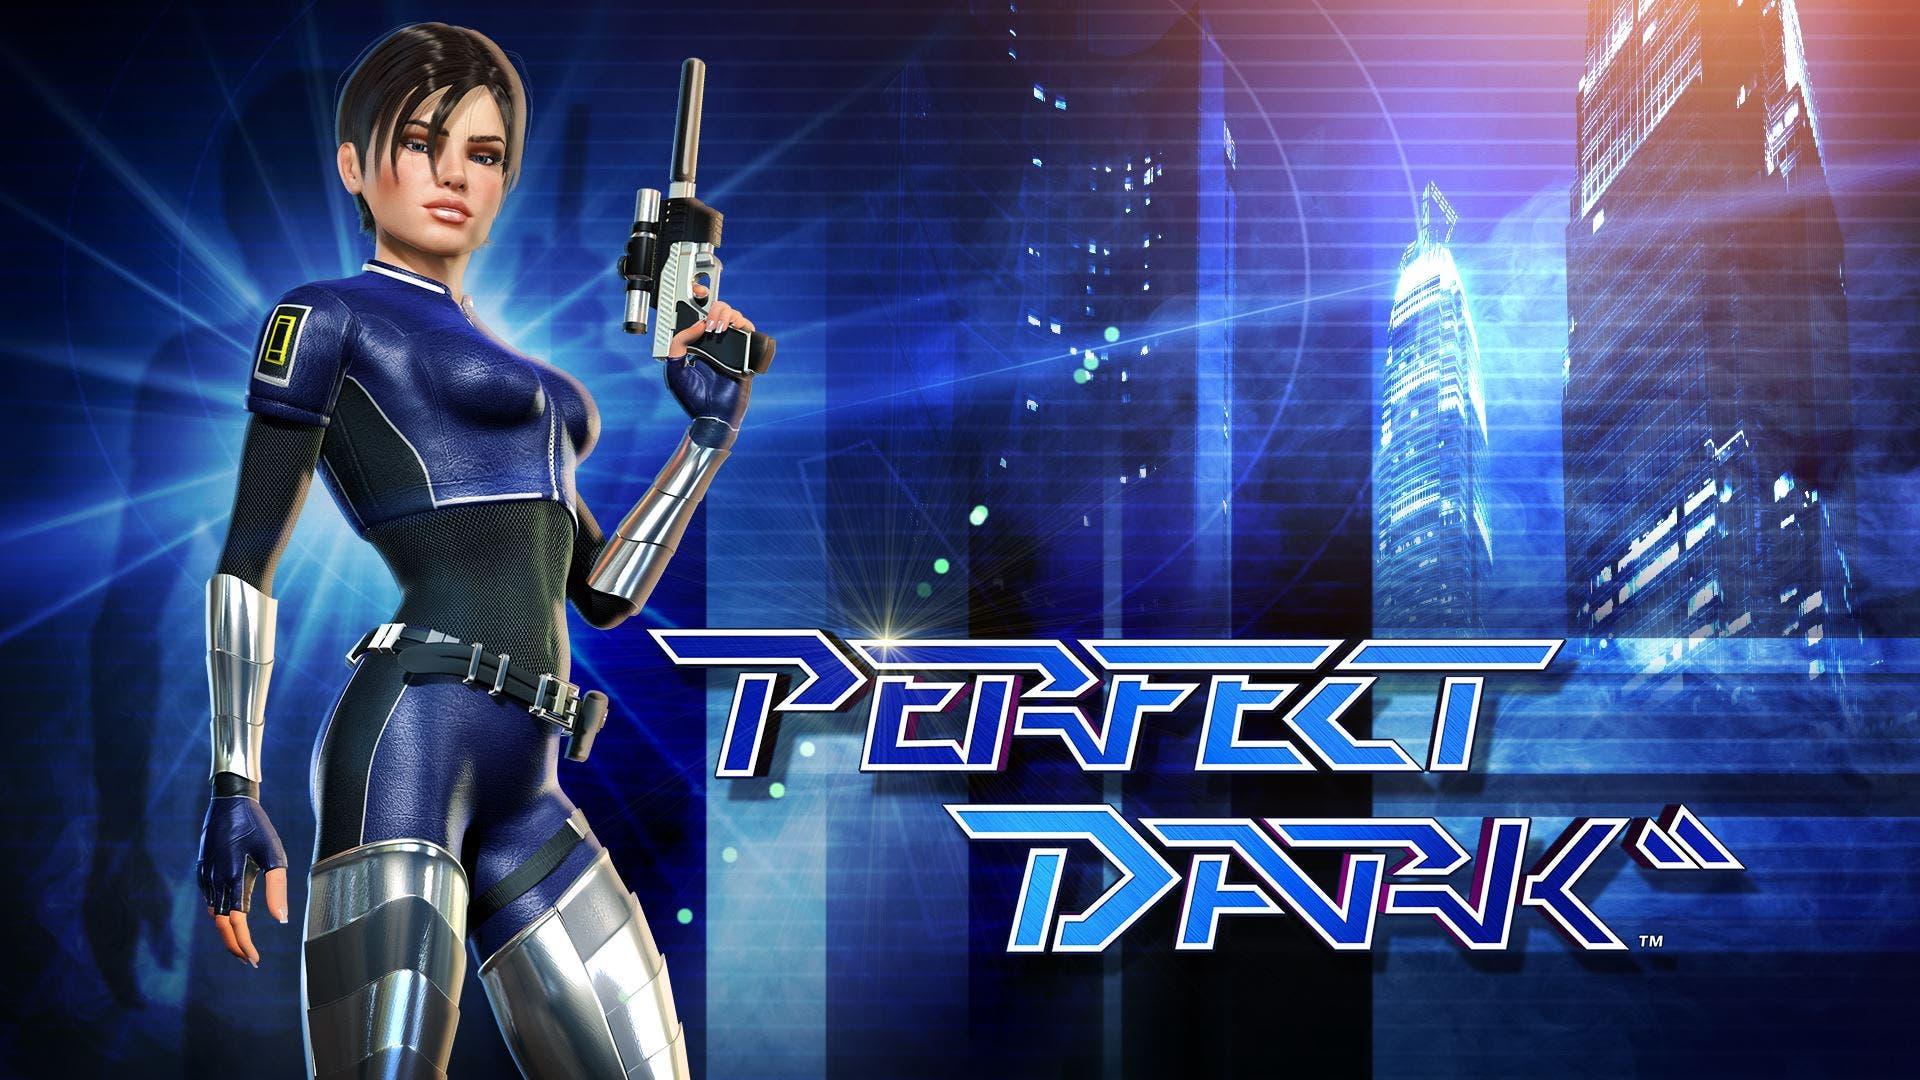 Imagen de Xbox es consciente de que poseen franquicias clásicas como Perfect Dark o Banjo-Kazooie